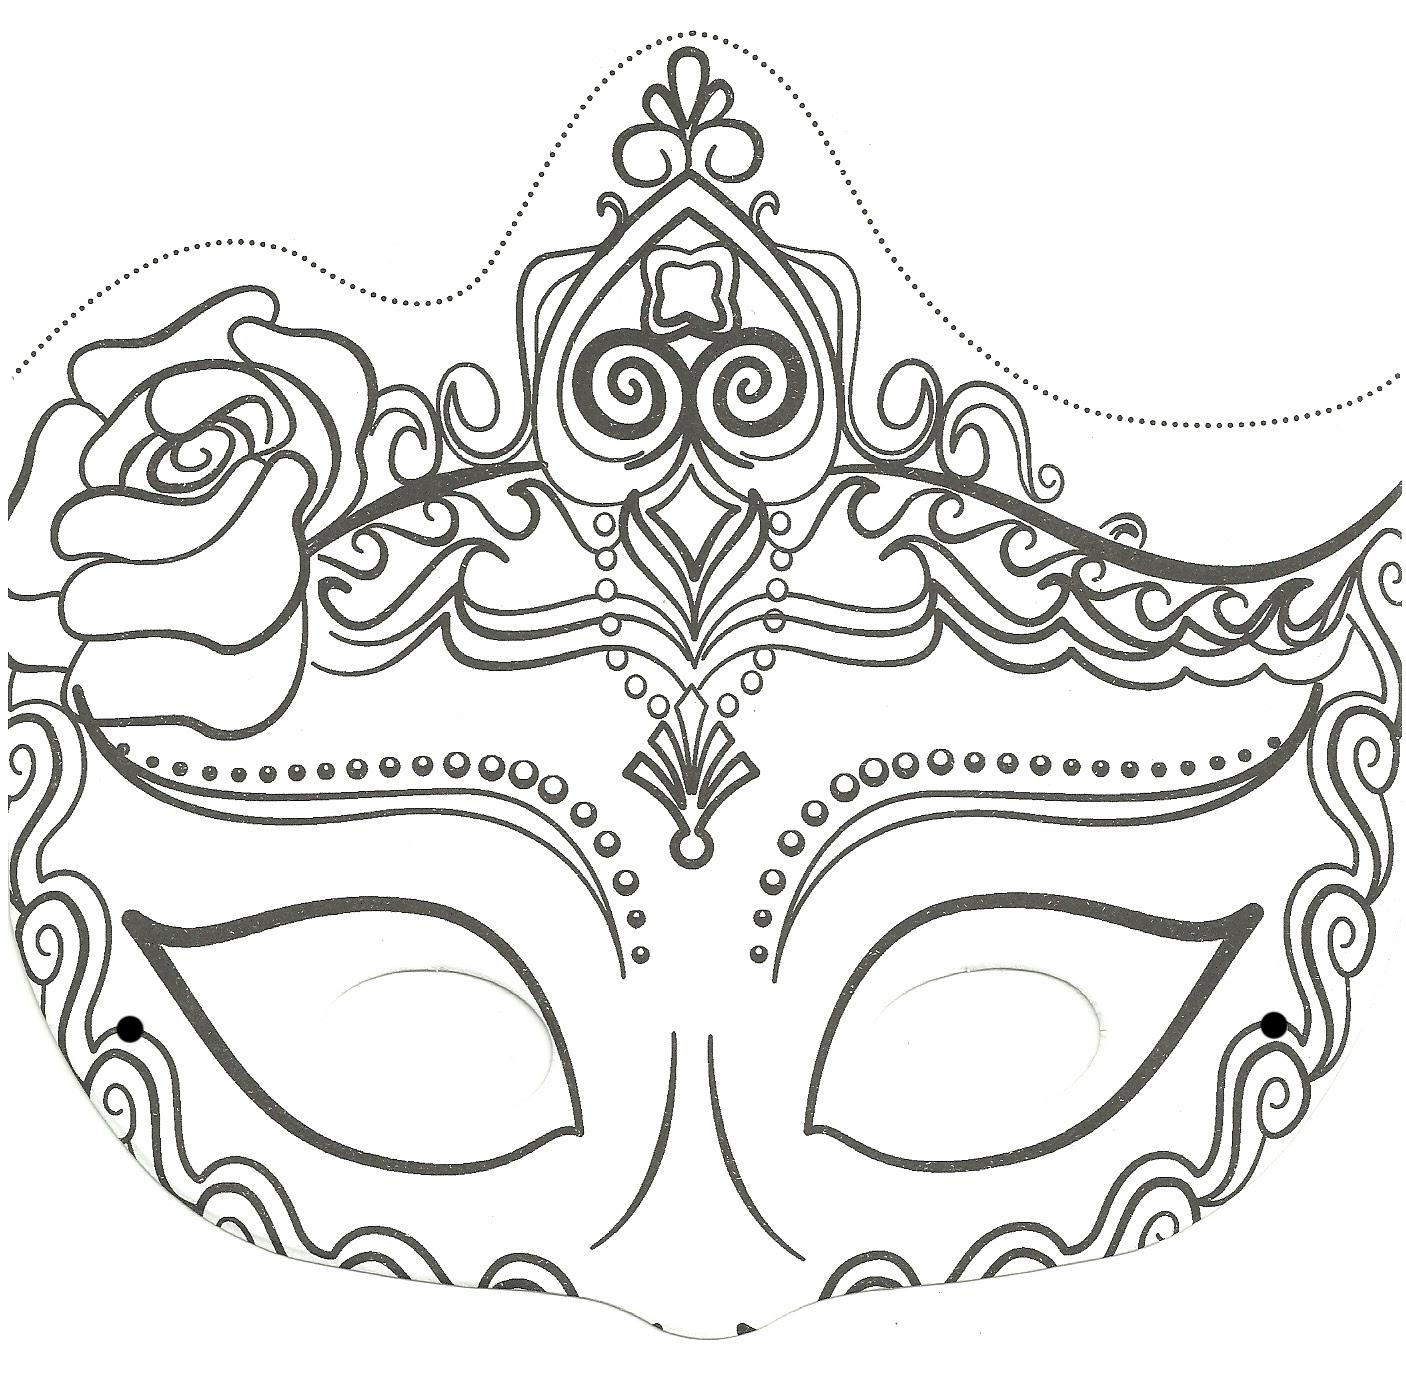 Belle coloriage masque de princesse imprimer et obtenir une coloriage gratuit ici - Masque a colorier et a imprimer ...